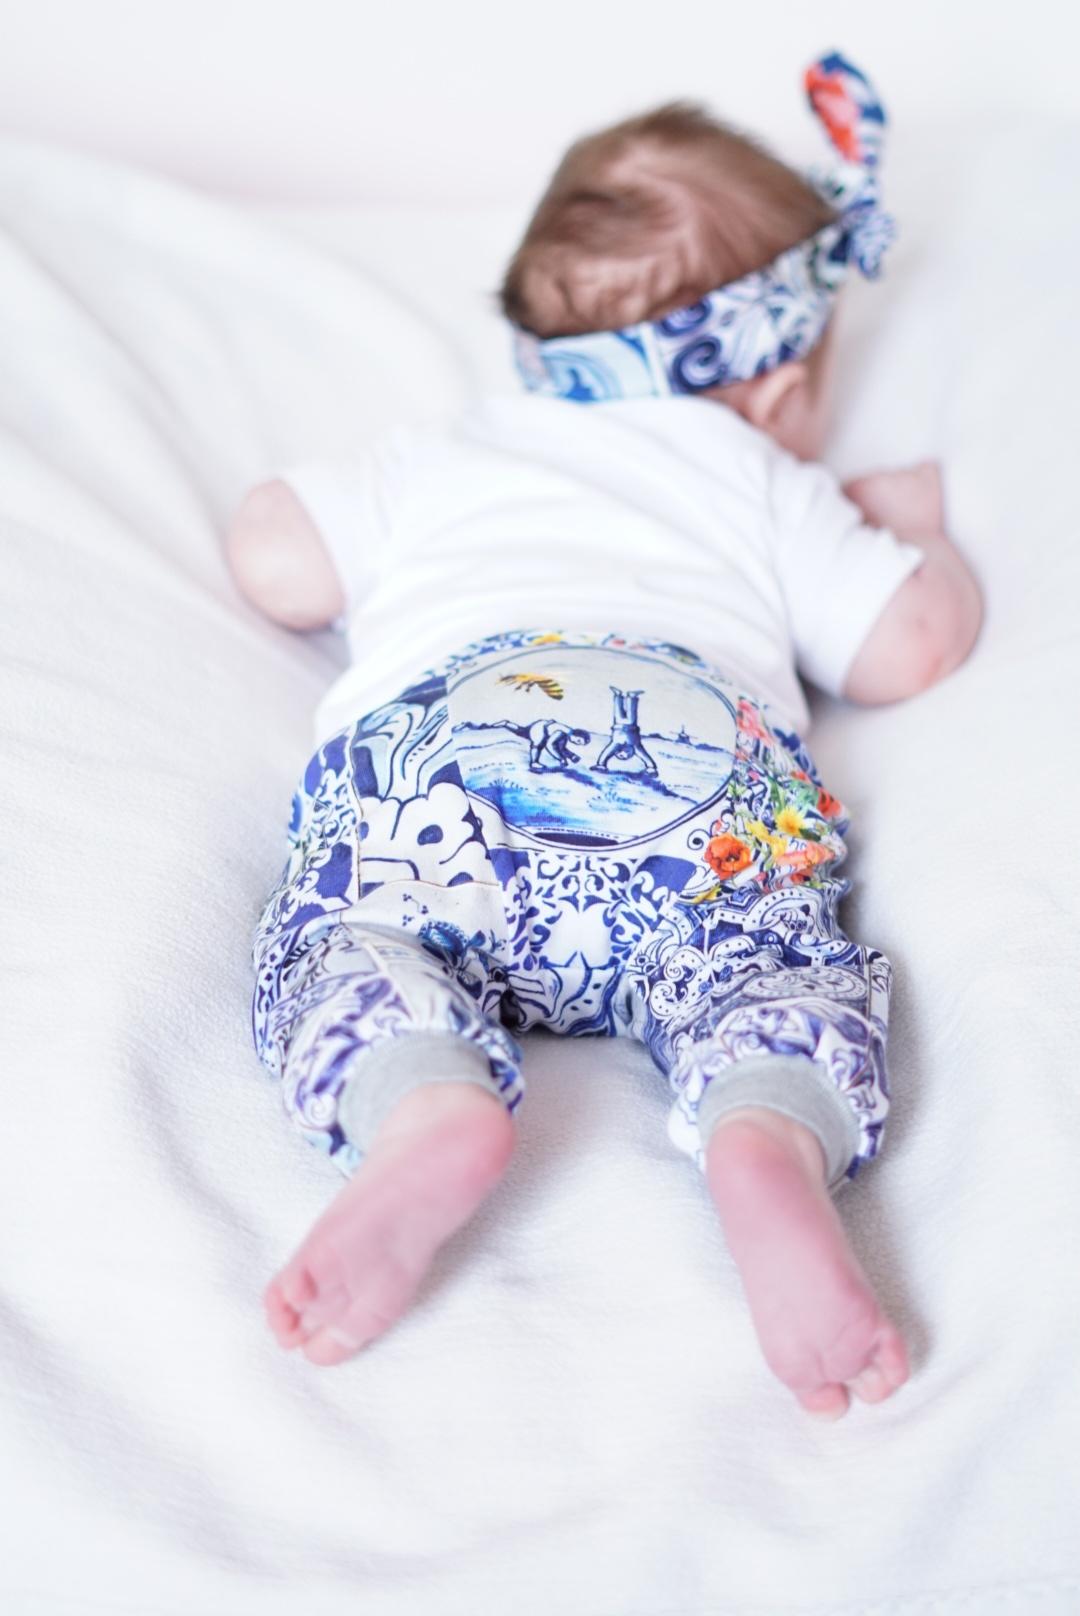 Newborn mutsje met Delfts Blauwe print